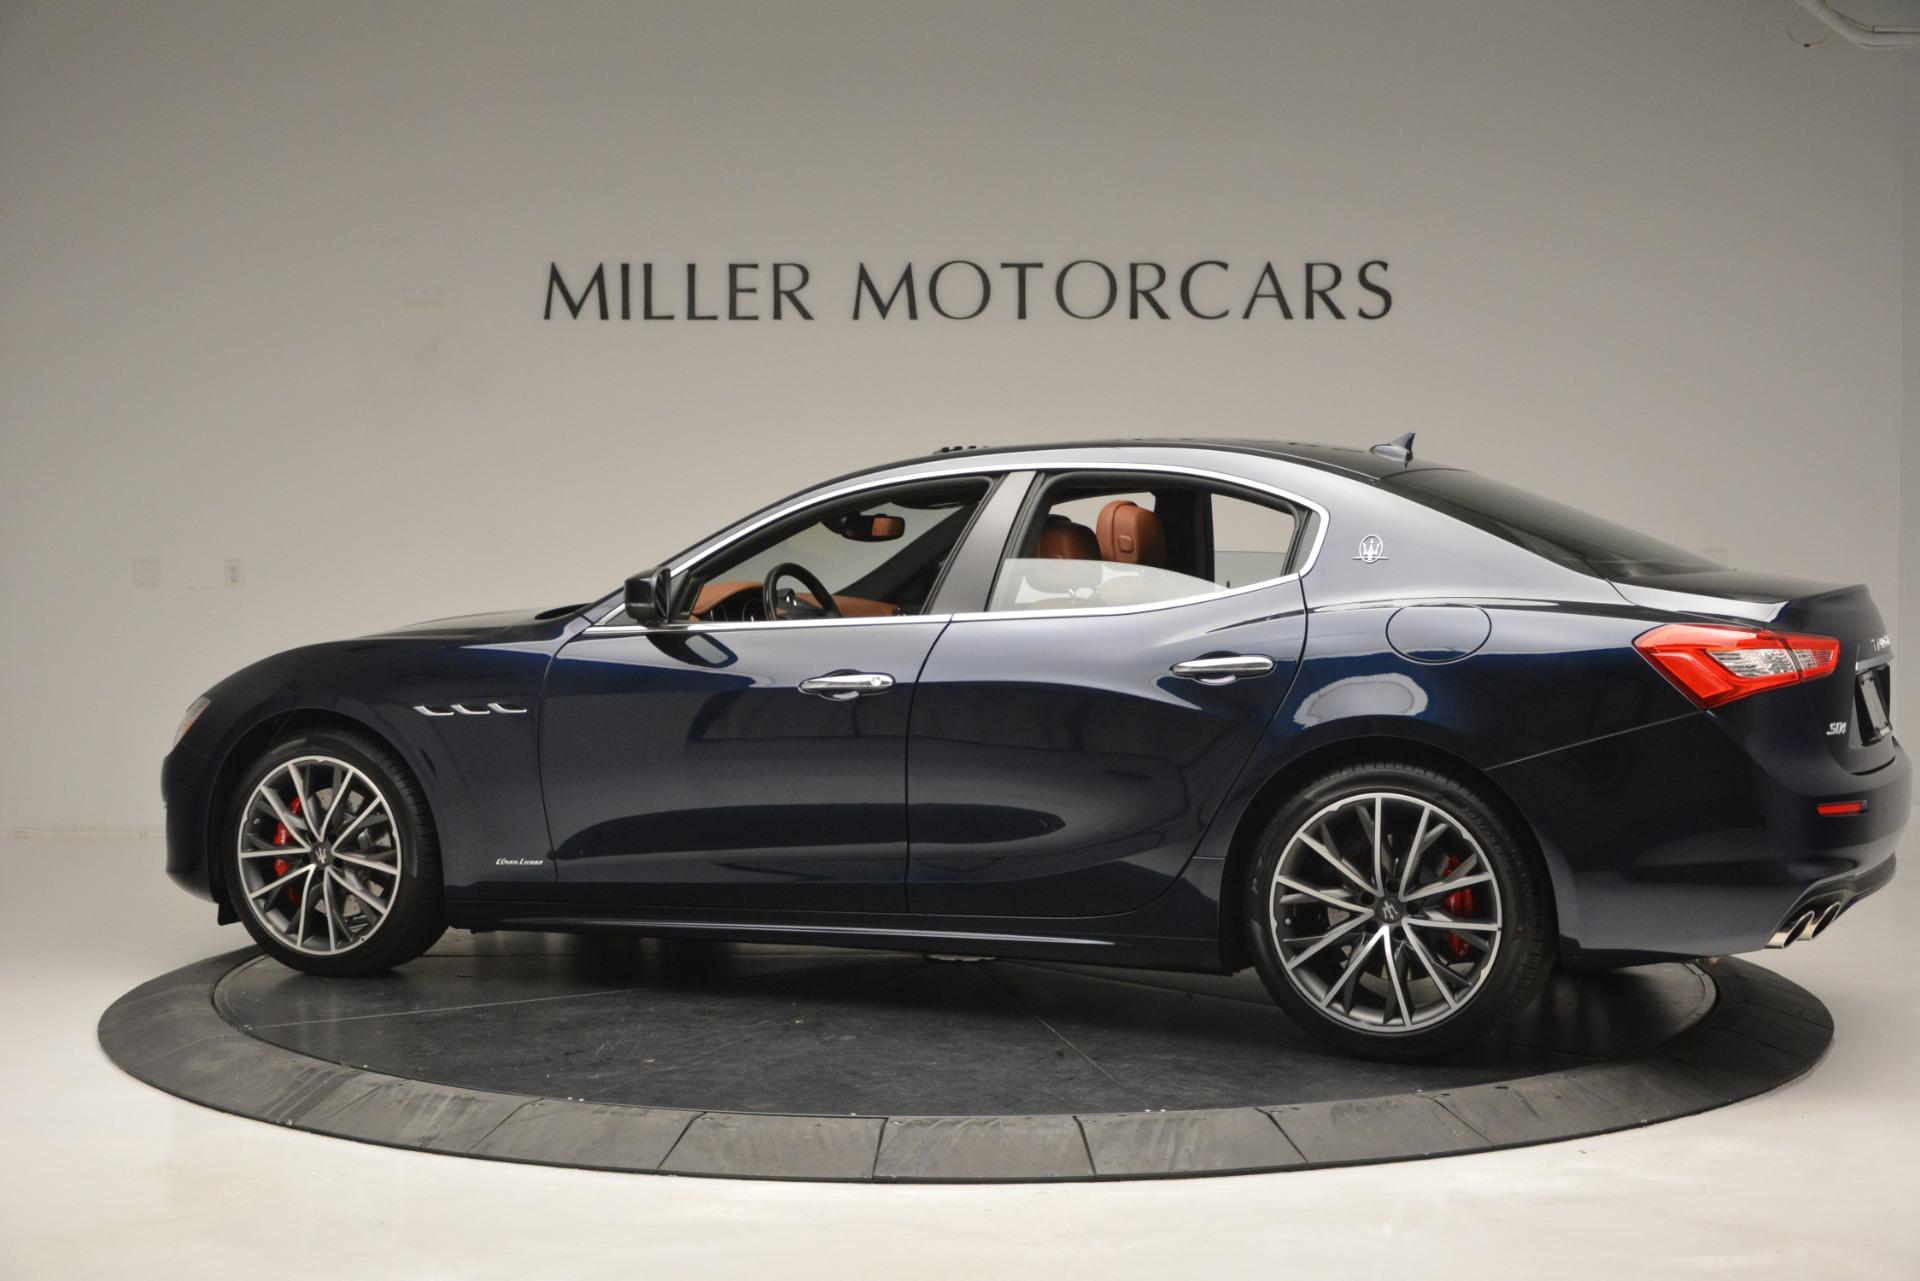 New 2019 Maserati Ghibli S Q4 GranLusso For Sale In Greenwich, CT 2882_p5